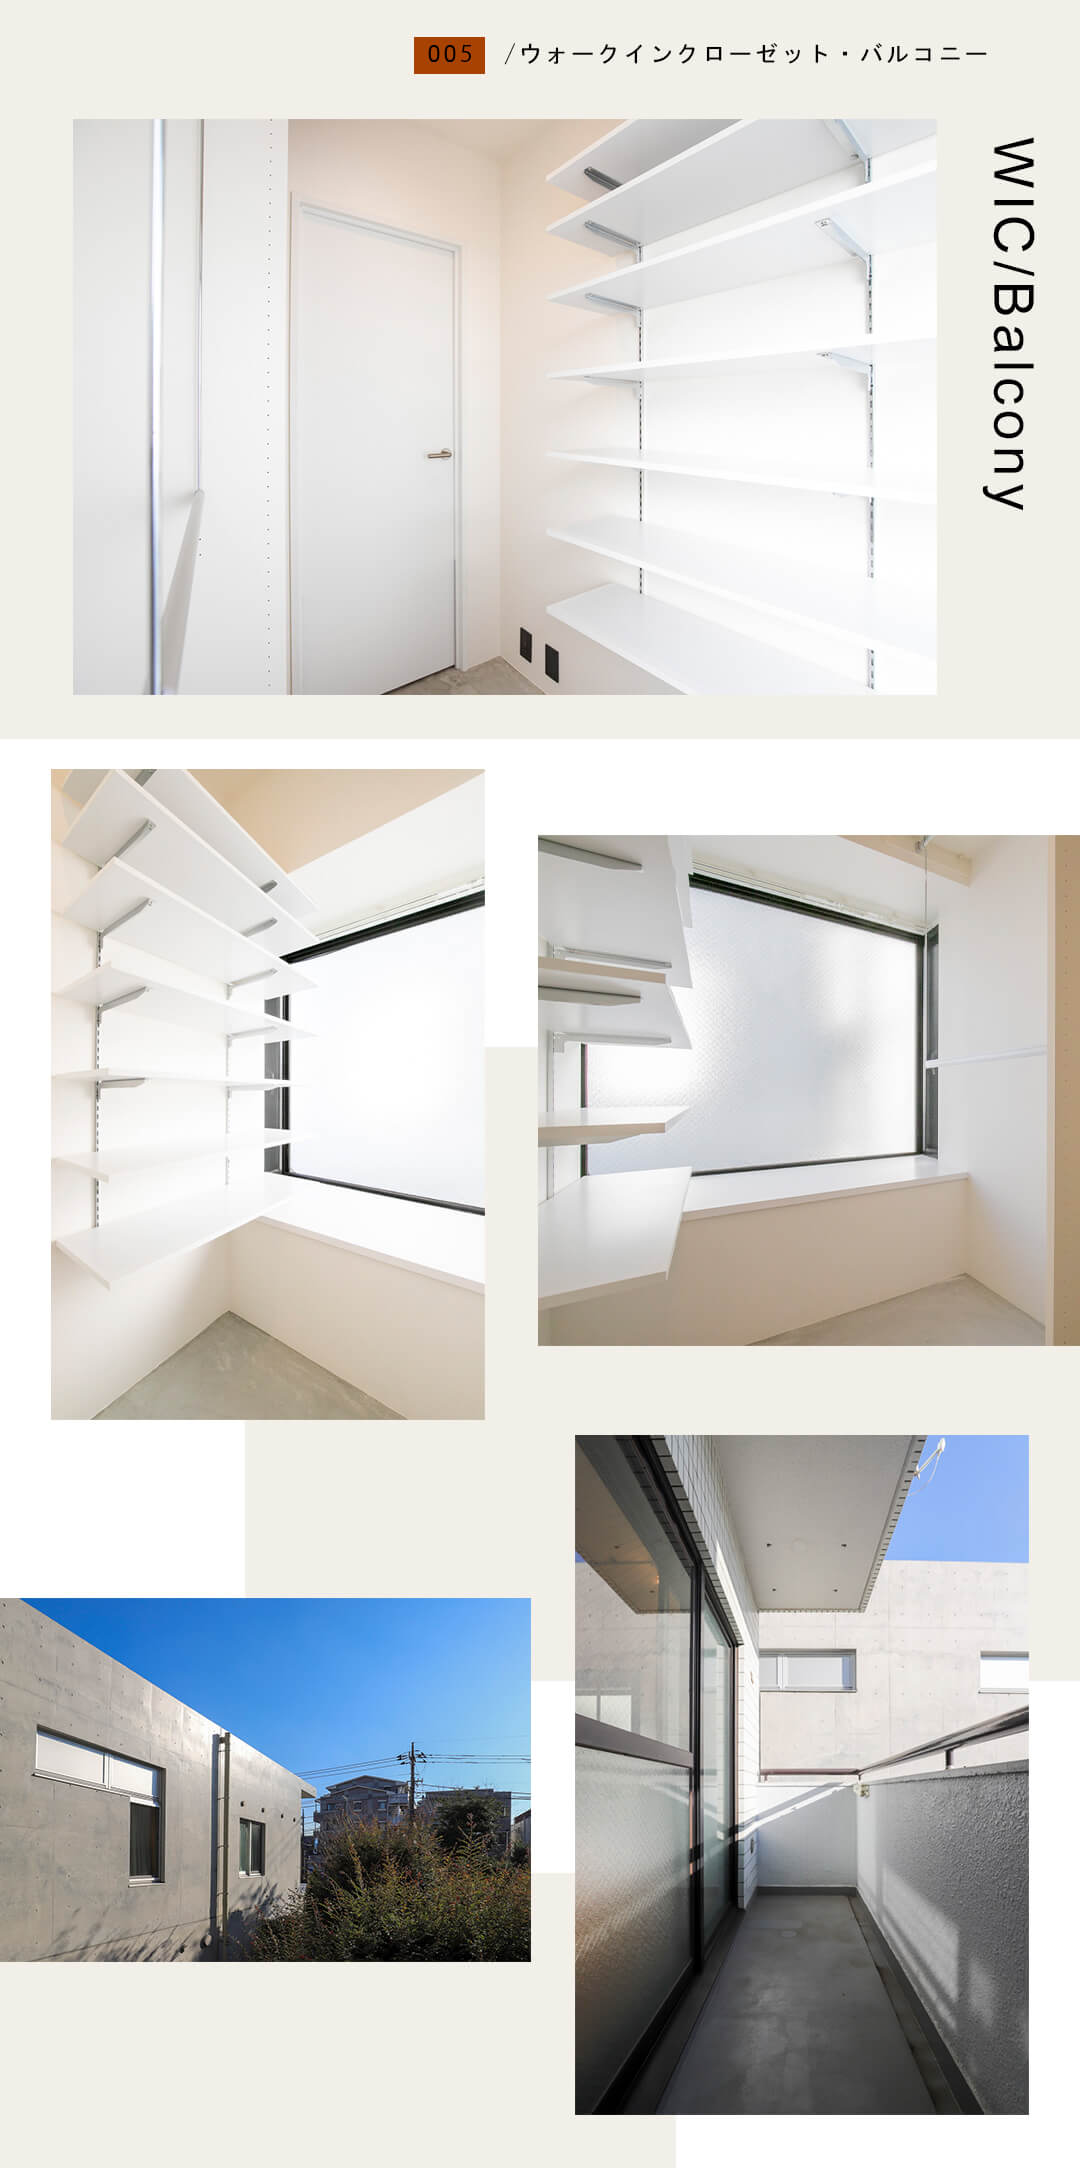 05ウォークインクローゼット,バルコニー,WIC,Balcony